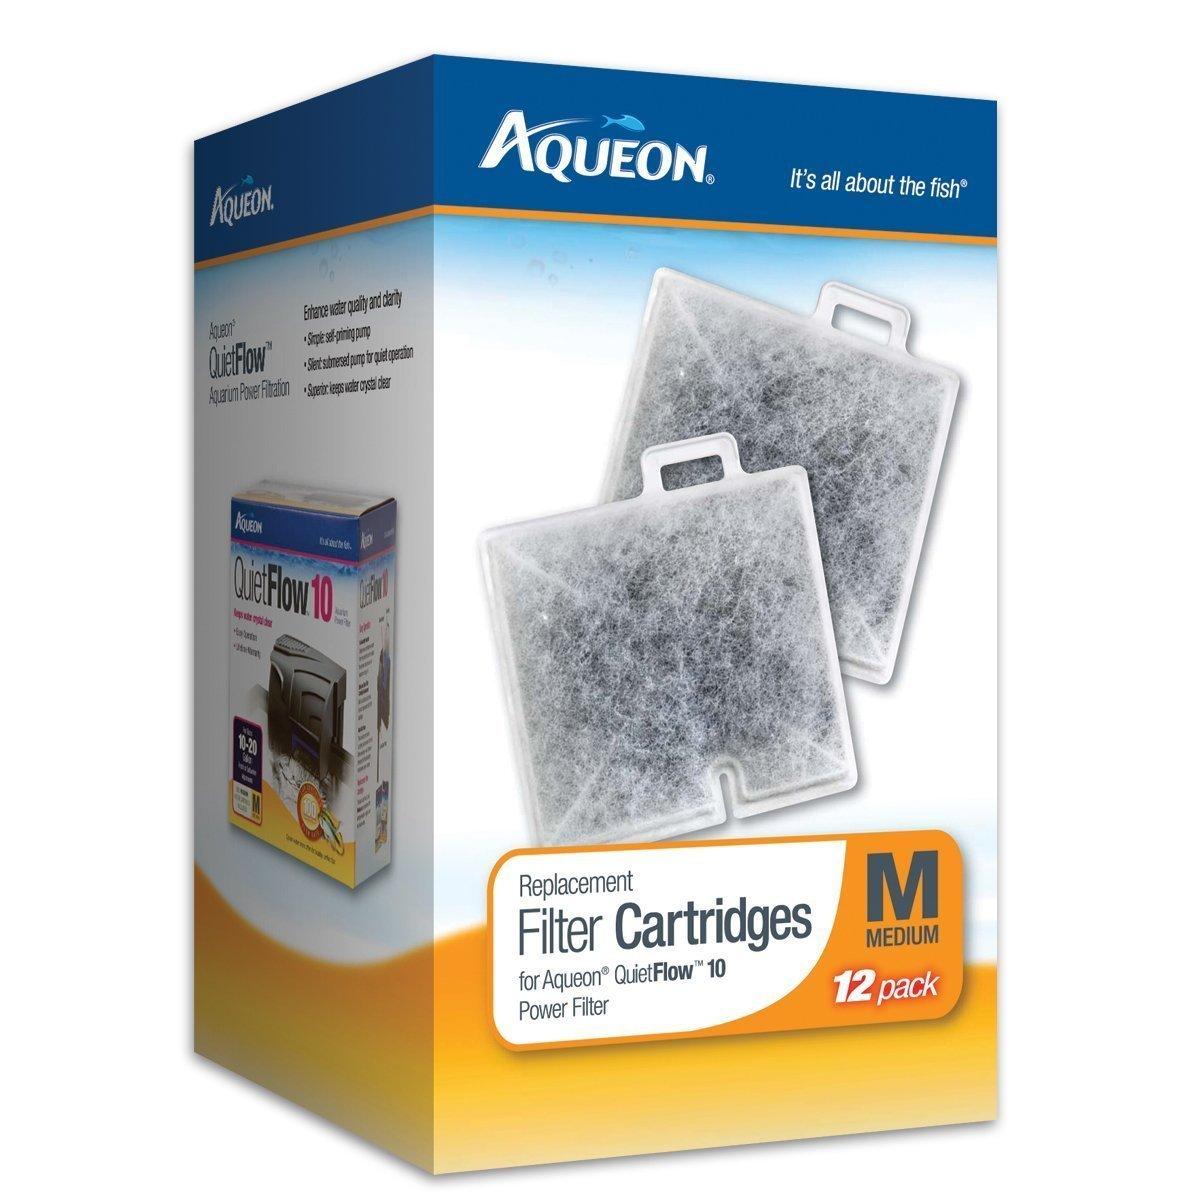 Medium Aqueon Filter Cartridge Medium Size 24-pack